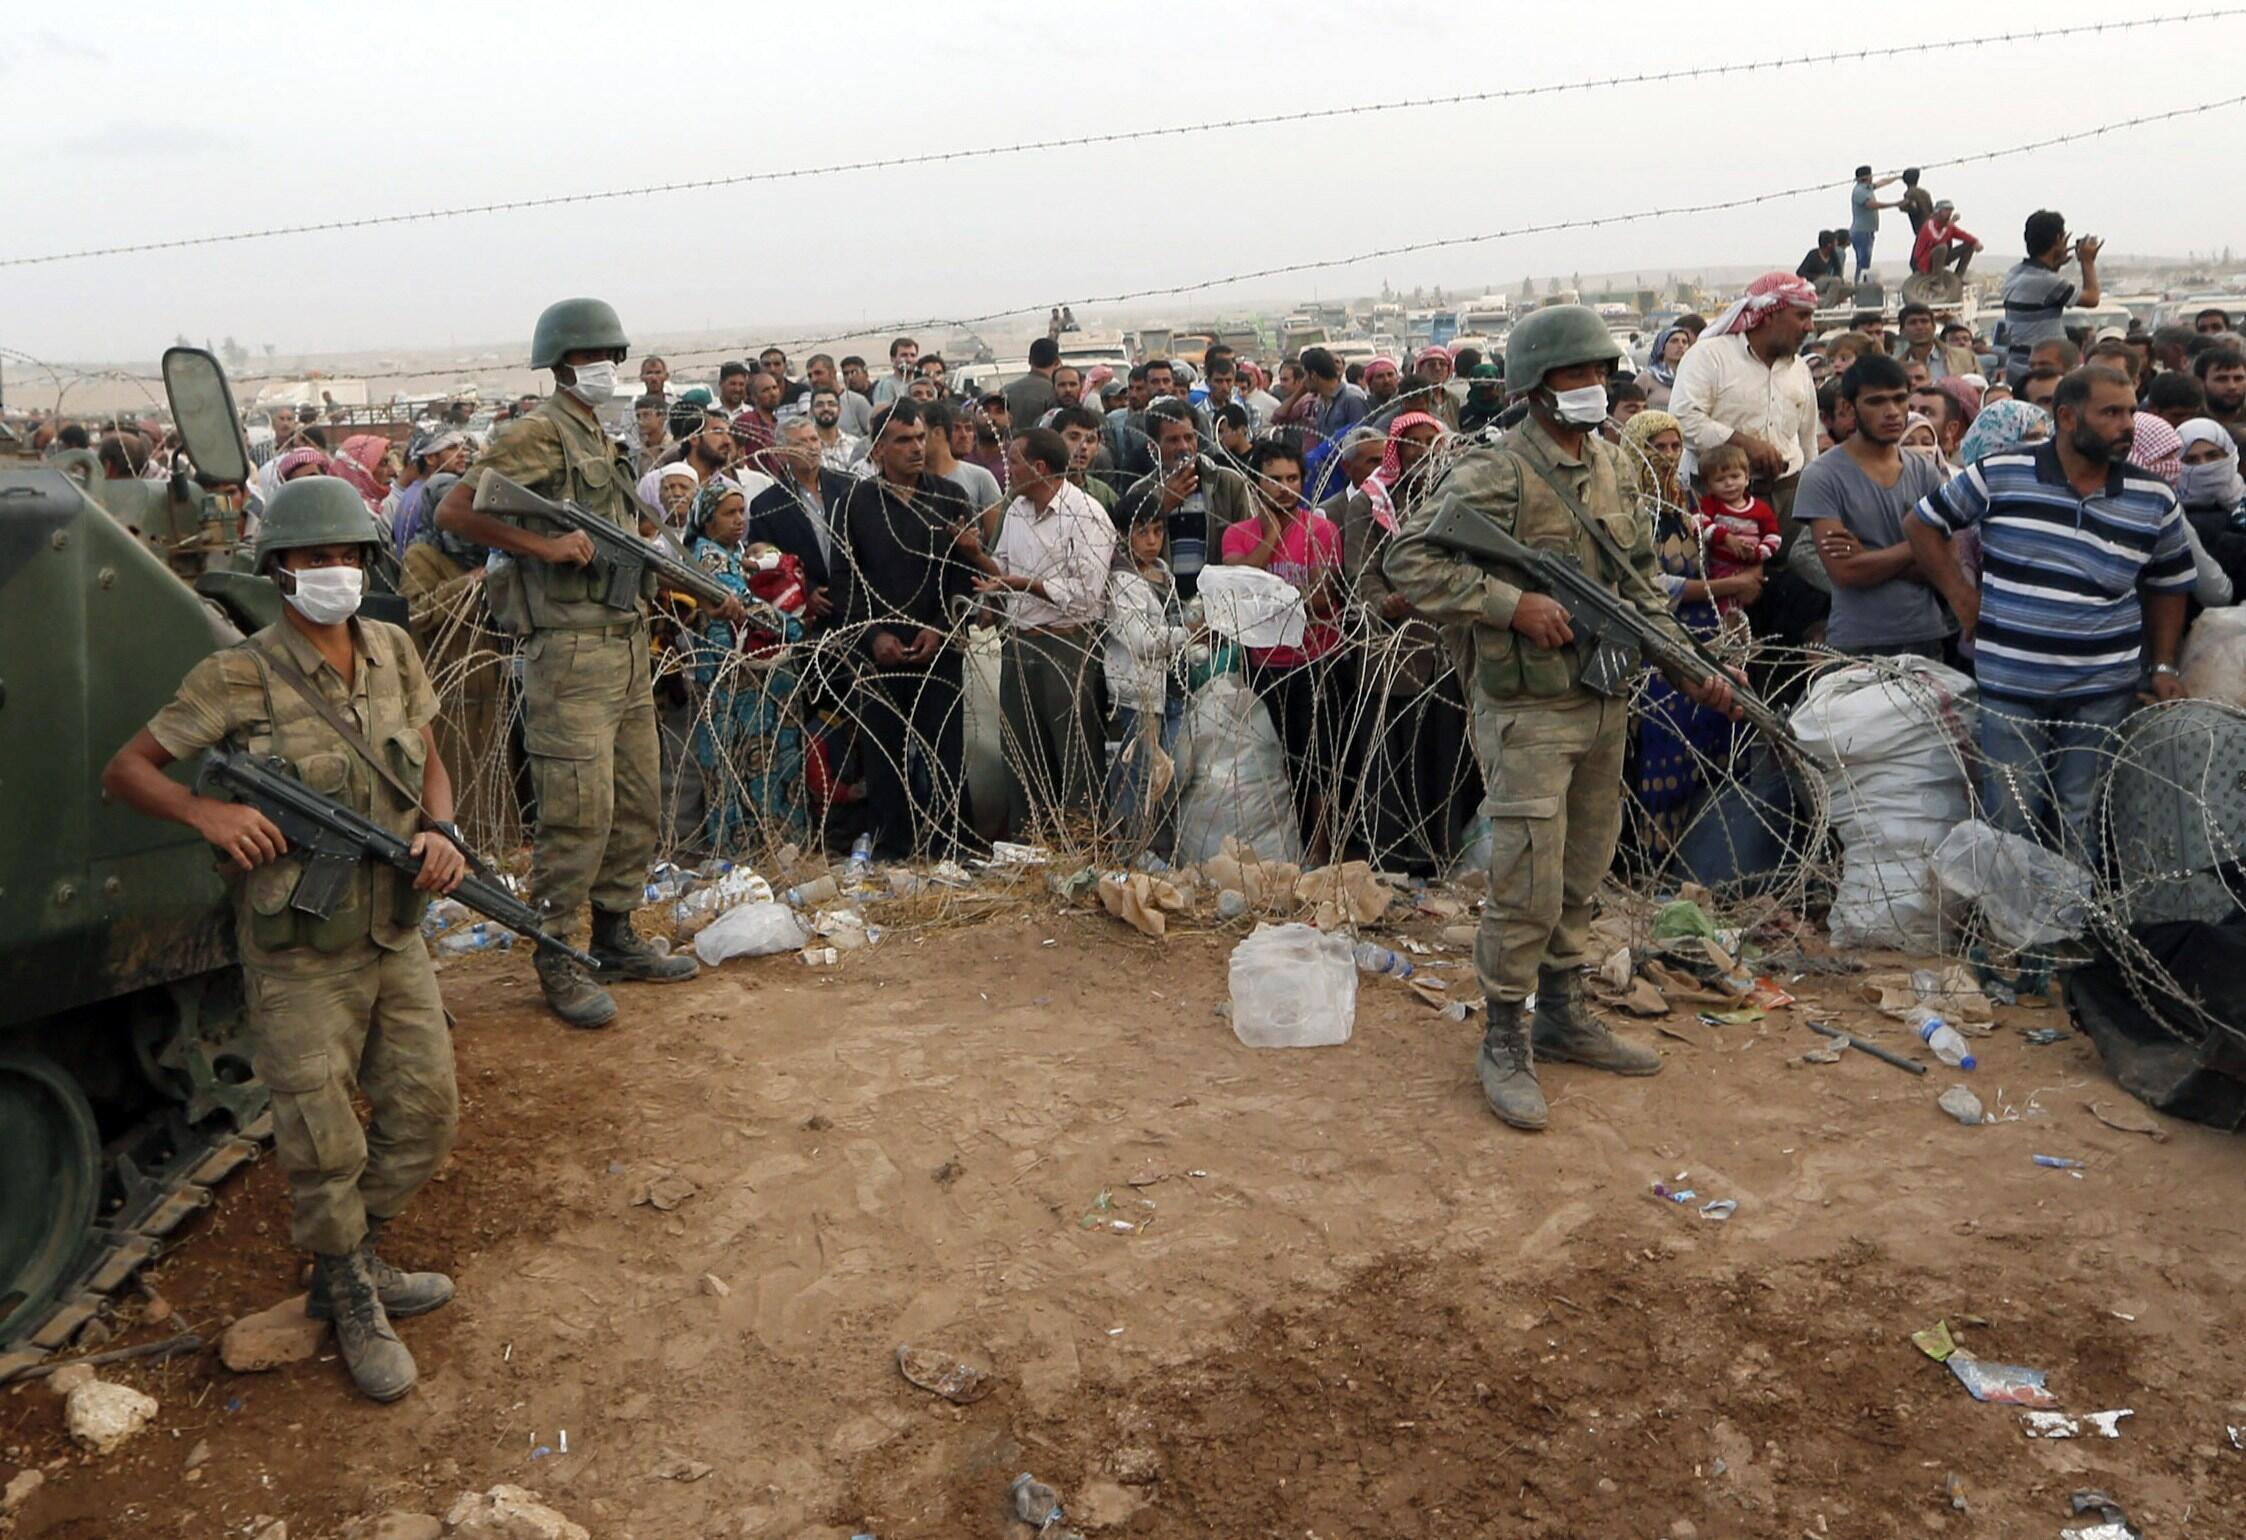 Người tỵ nạn Kurdistan (ở Kobene) từ Syria chạy sang Thổ Nhĩ Kỳ, chờ tại vùng biên giới, ngày 27/09/2014.